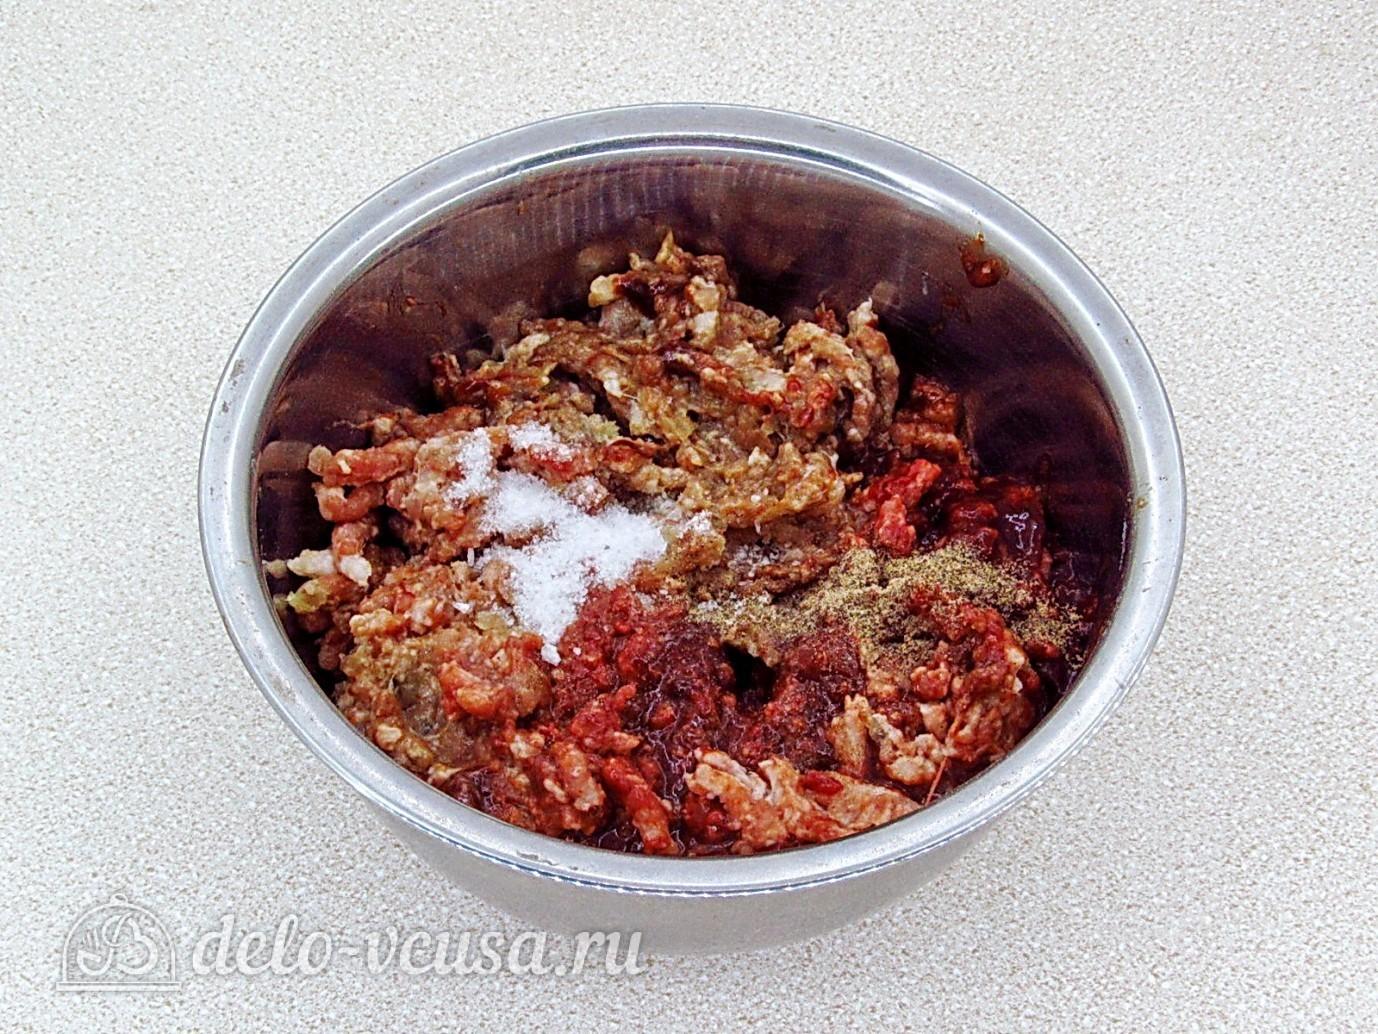 Котлеты из свинины с печенью: Добавить соль и перец